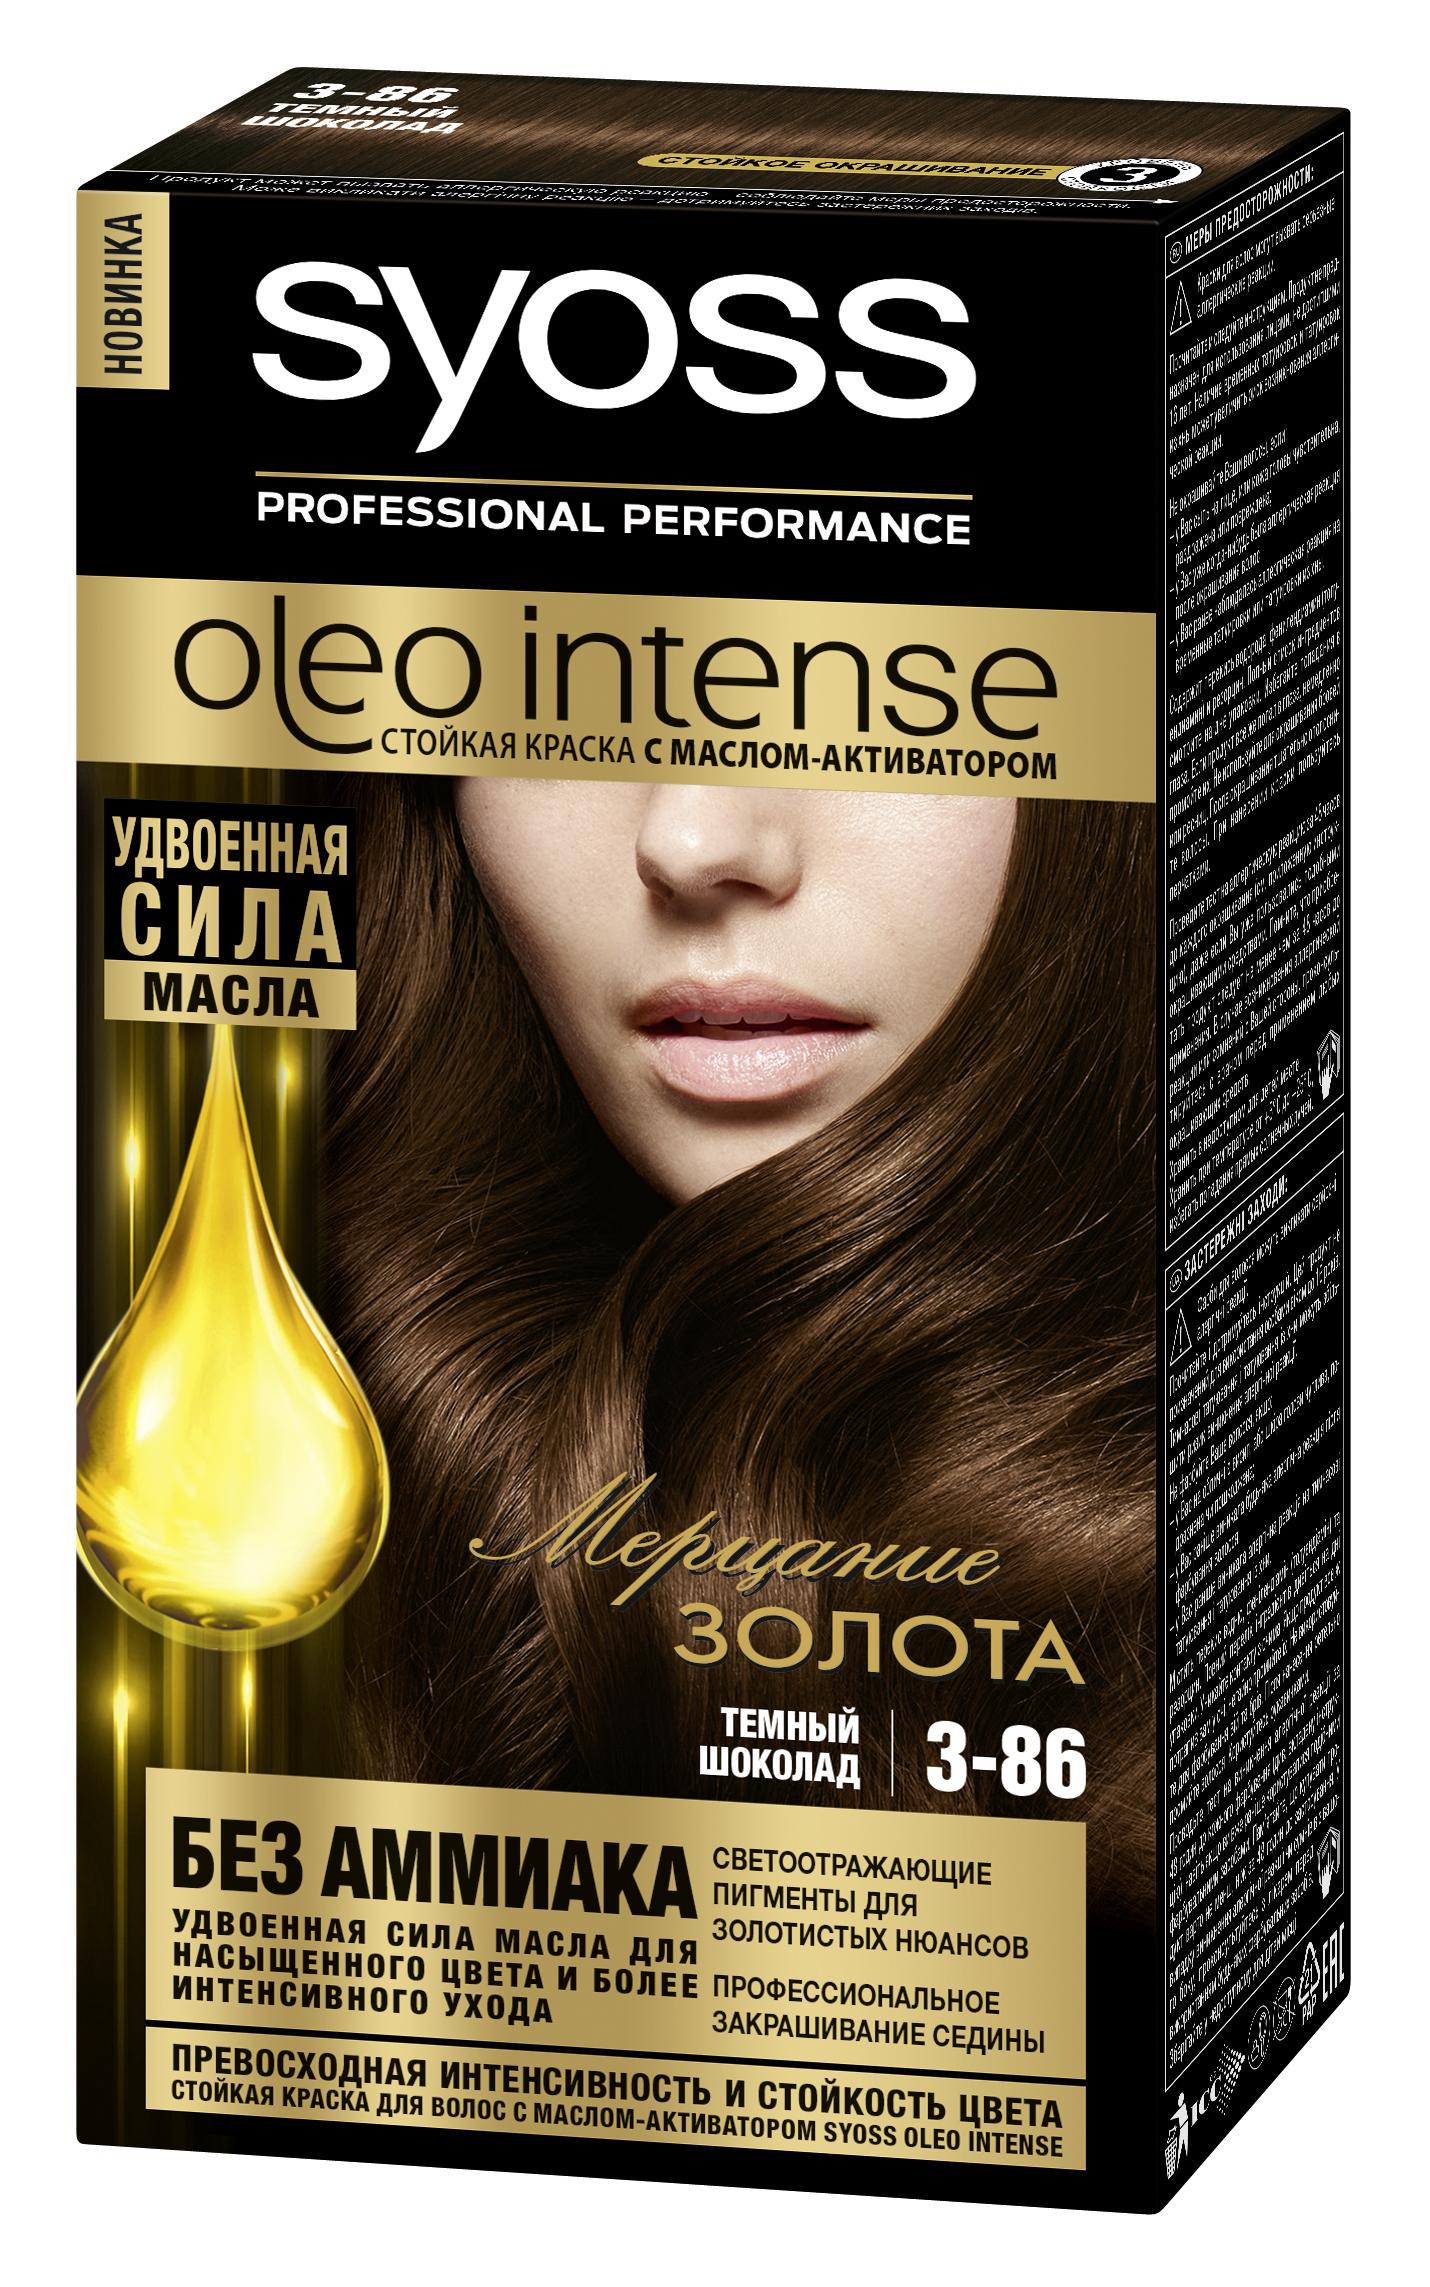 Syoss Oleo Intense Краска для волос, 3-86 Темный Шоколад, 115 мл2242525Новая линейка Мерцание золота придаст вашим волосам светоотражающие пигменты для золотистых нюансов и подарит: • Превосходную интенсивность и стойкость цвета • Профессиональное закрашивание седины • 6 недель - сильные волосы, сияющие здоровьем • Бережное окрашивание-без аммиака Формула с удвоенной силой масла работает в двух направлениях: 1. При окрашивании масло помогает проникать окрашивающему пигменту глубоко в структуру волоса. 2. Входящее в состав масло интенсивно заботится о волосах в процессе окрашивания. Для превосходной интенсивности и стойкости цвета.* * По сравнению с неокрашенными волосами